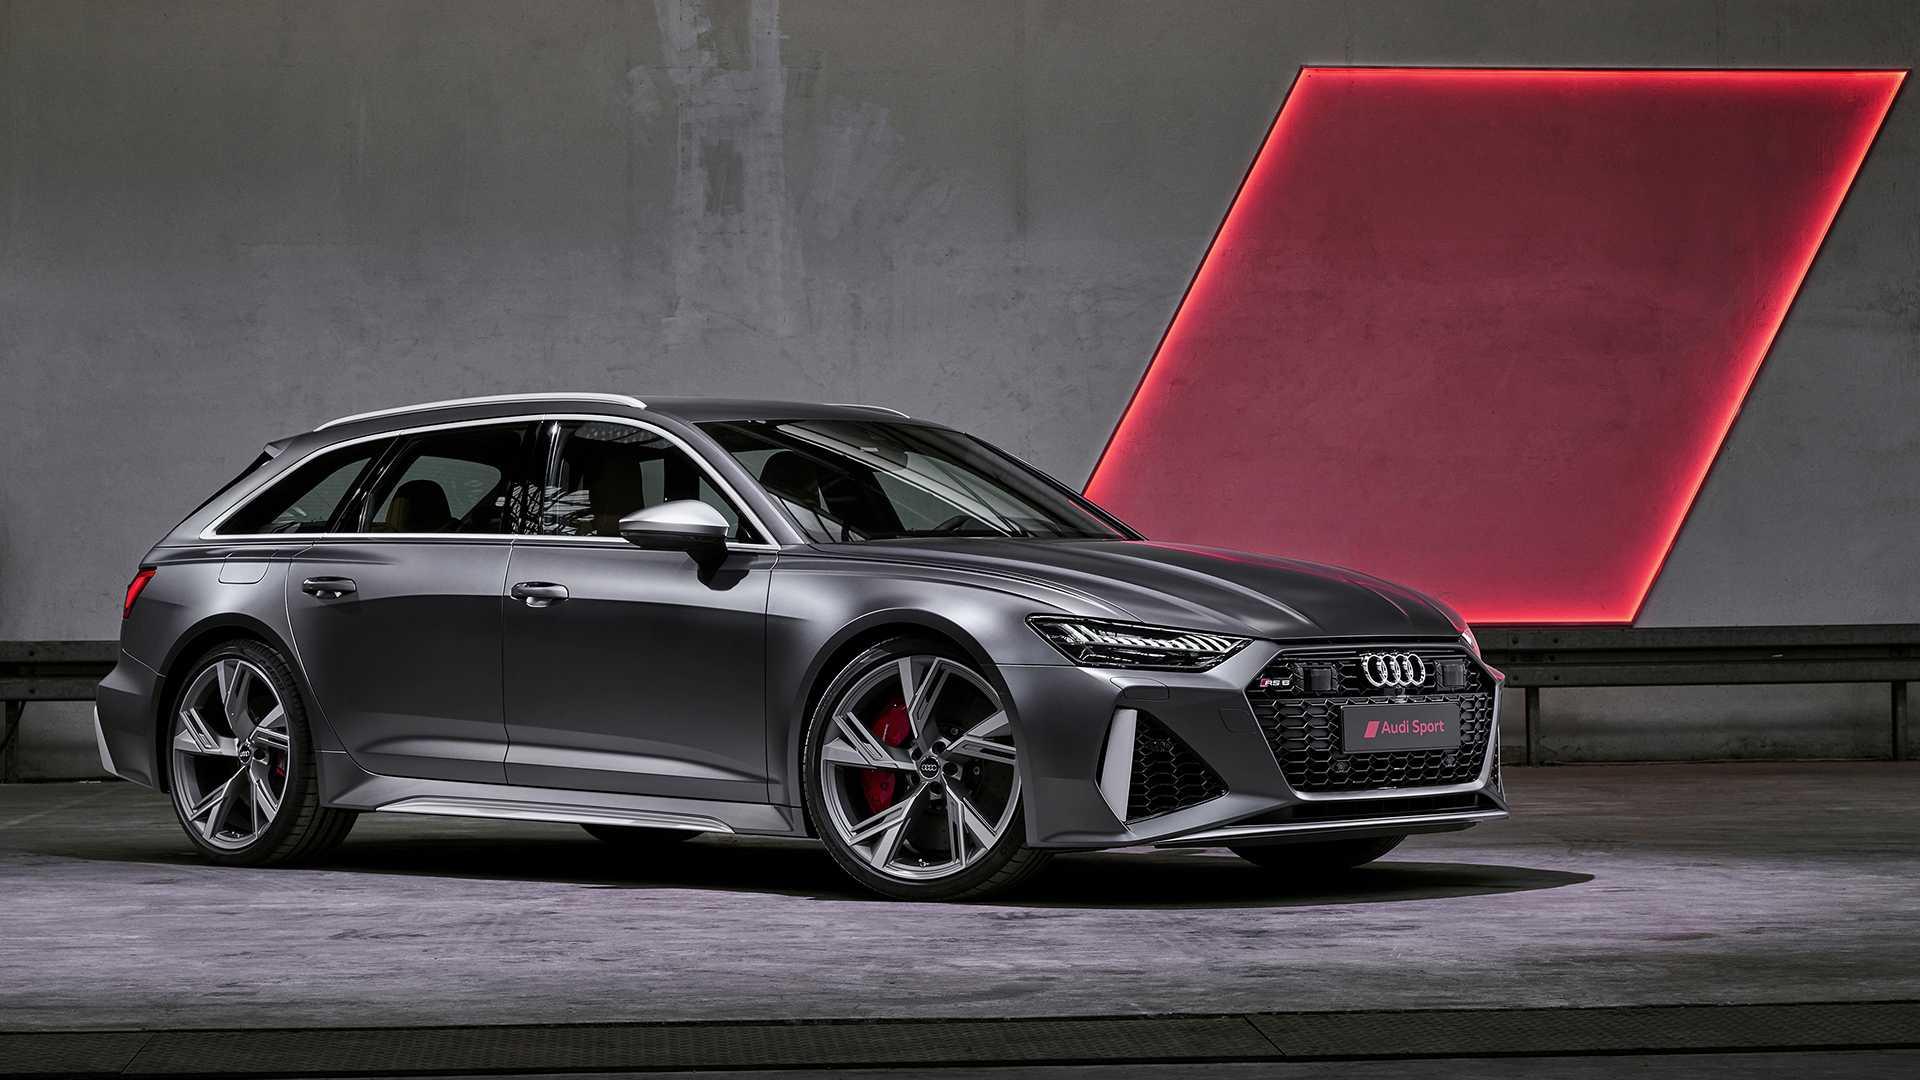 Audi RS6 Avant lần đầu ra mắt tại Mỹ kỷ niệm 25 năm dòng xe RS của Audi - 11